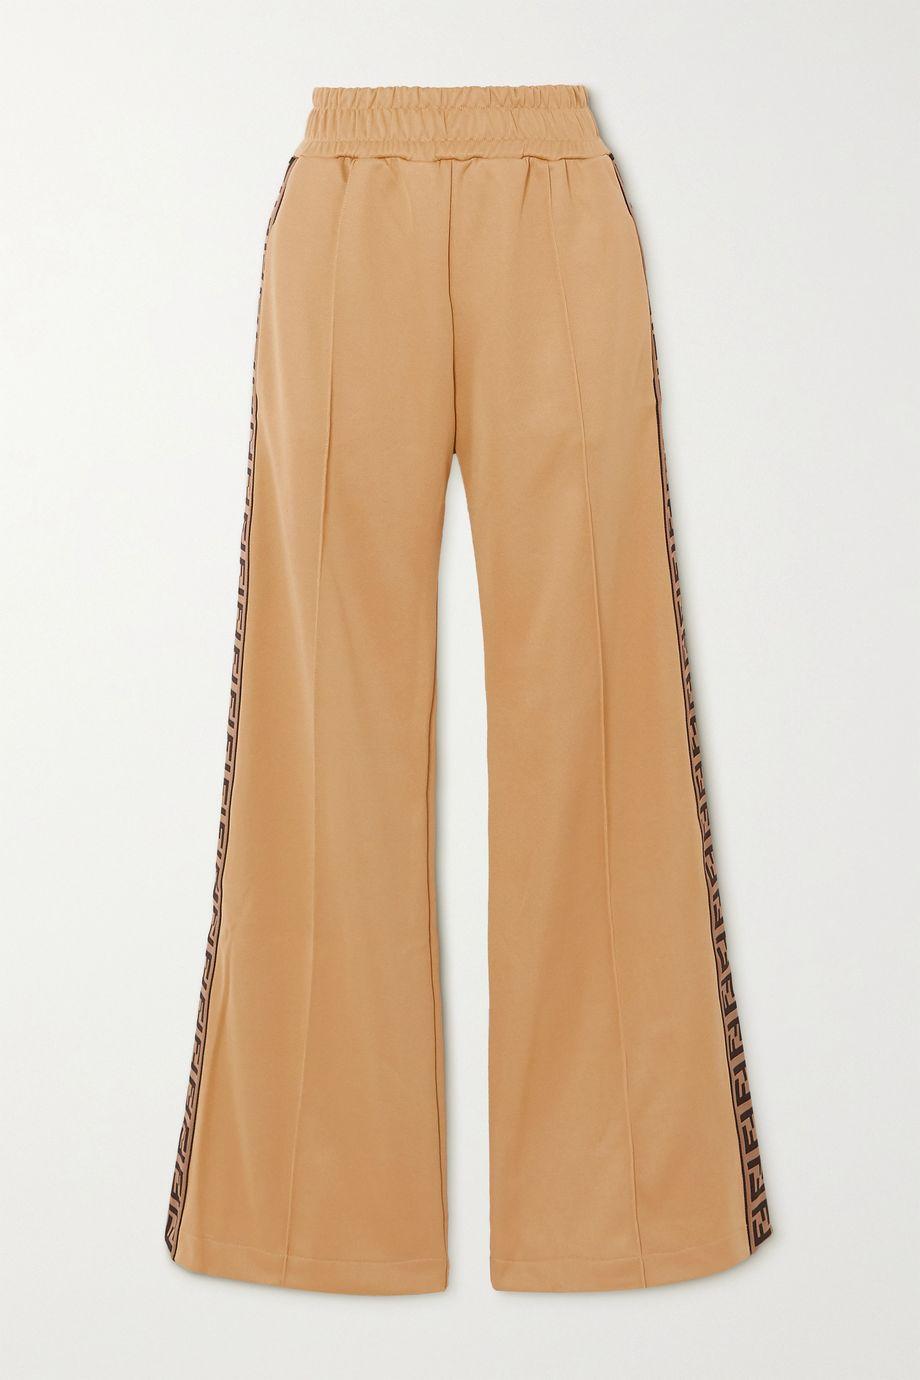 Fendi Pantalon de survêtement en jersey à finitions en jacquard